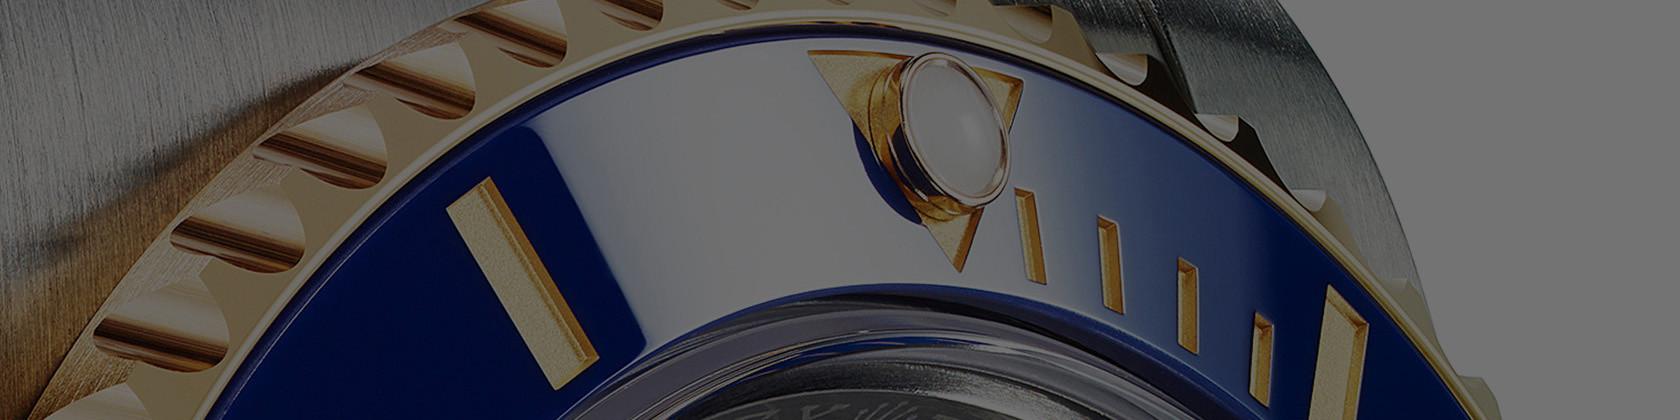 Detailaufnahme der Rolex Submariner Lünette